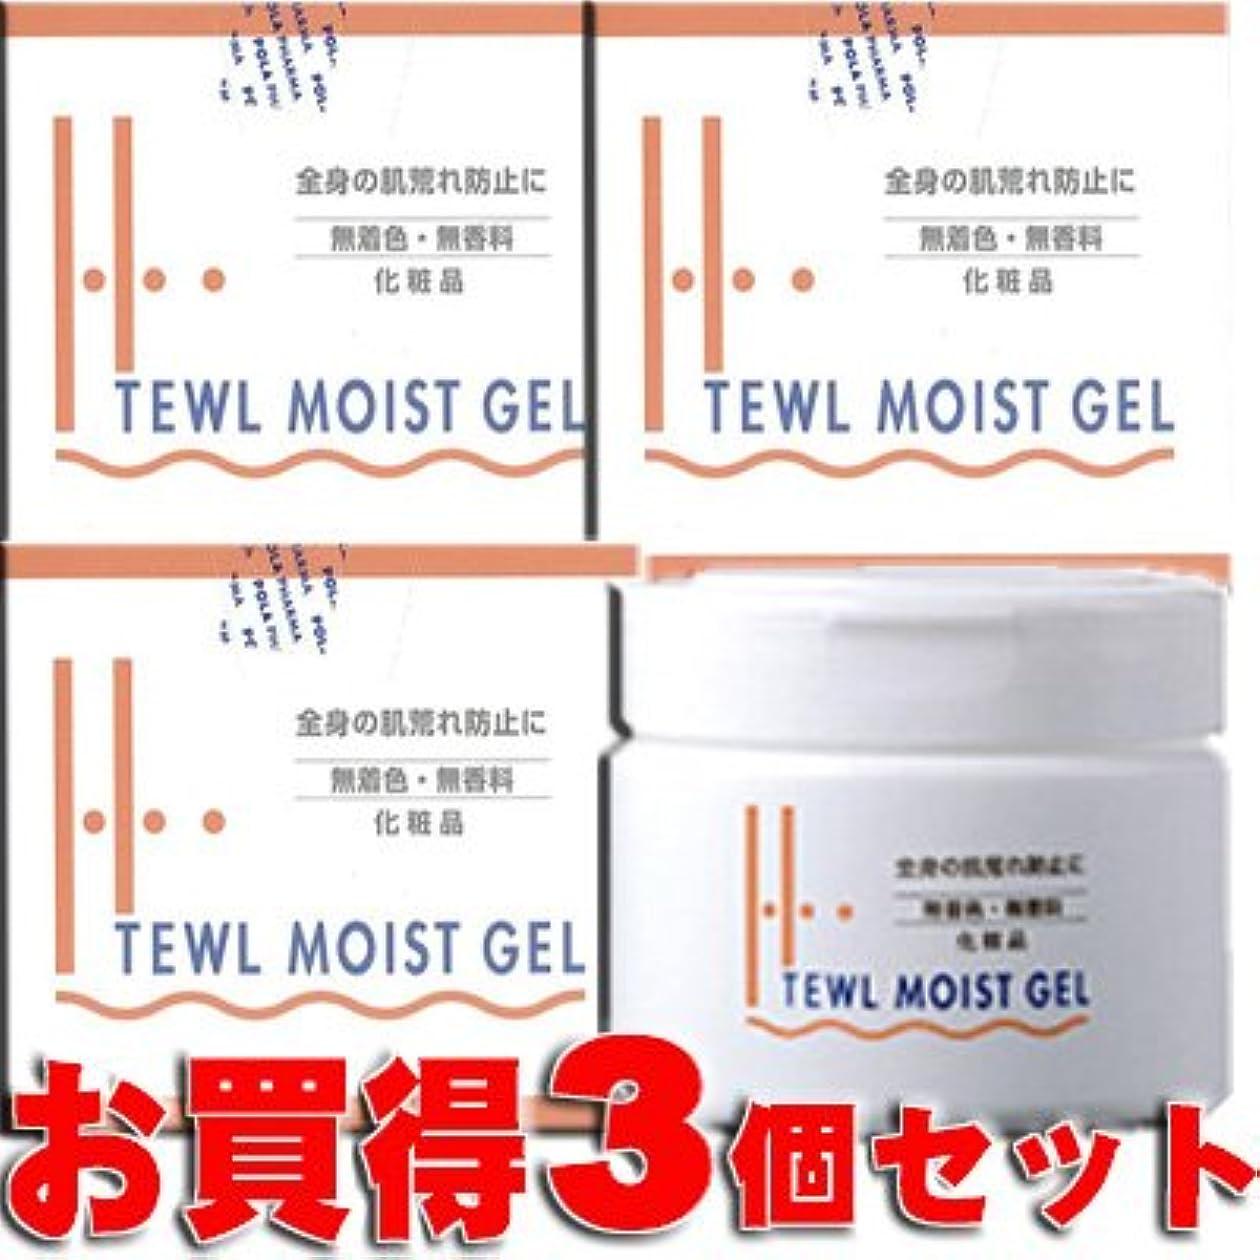 狂った推定コンパニオン★お買得3個★ ハイテウル モイストジェル 300gx3個 (ポーラファルマ)エタノールや界面活性剤に敏感な方へおすすめするゲルクリームです。